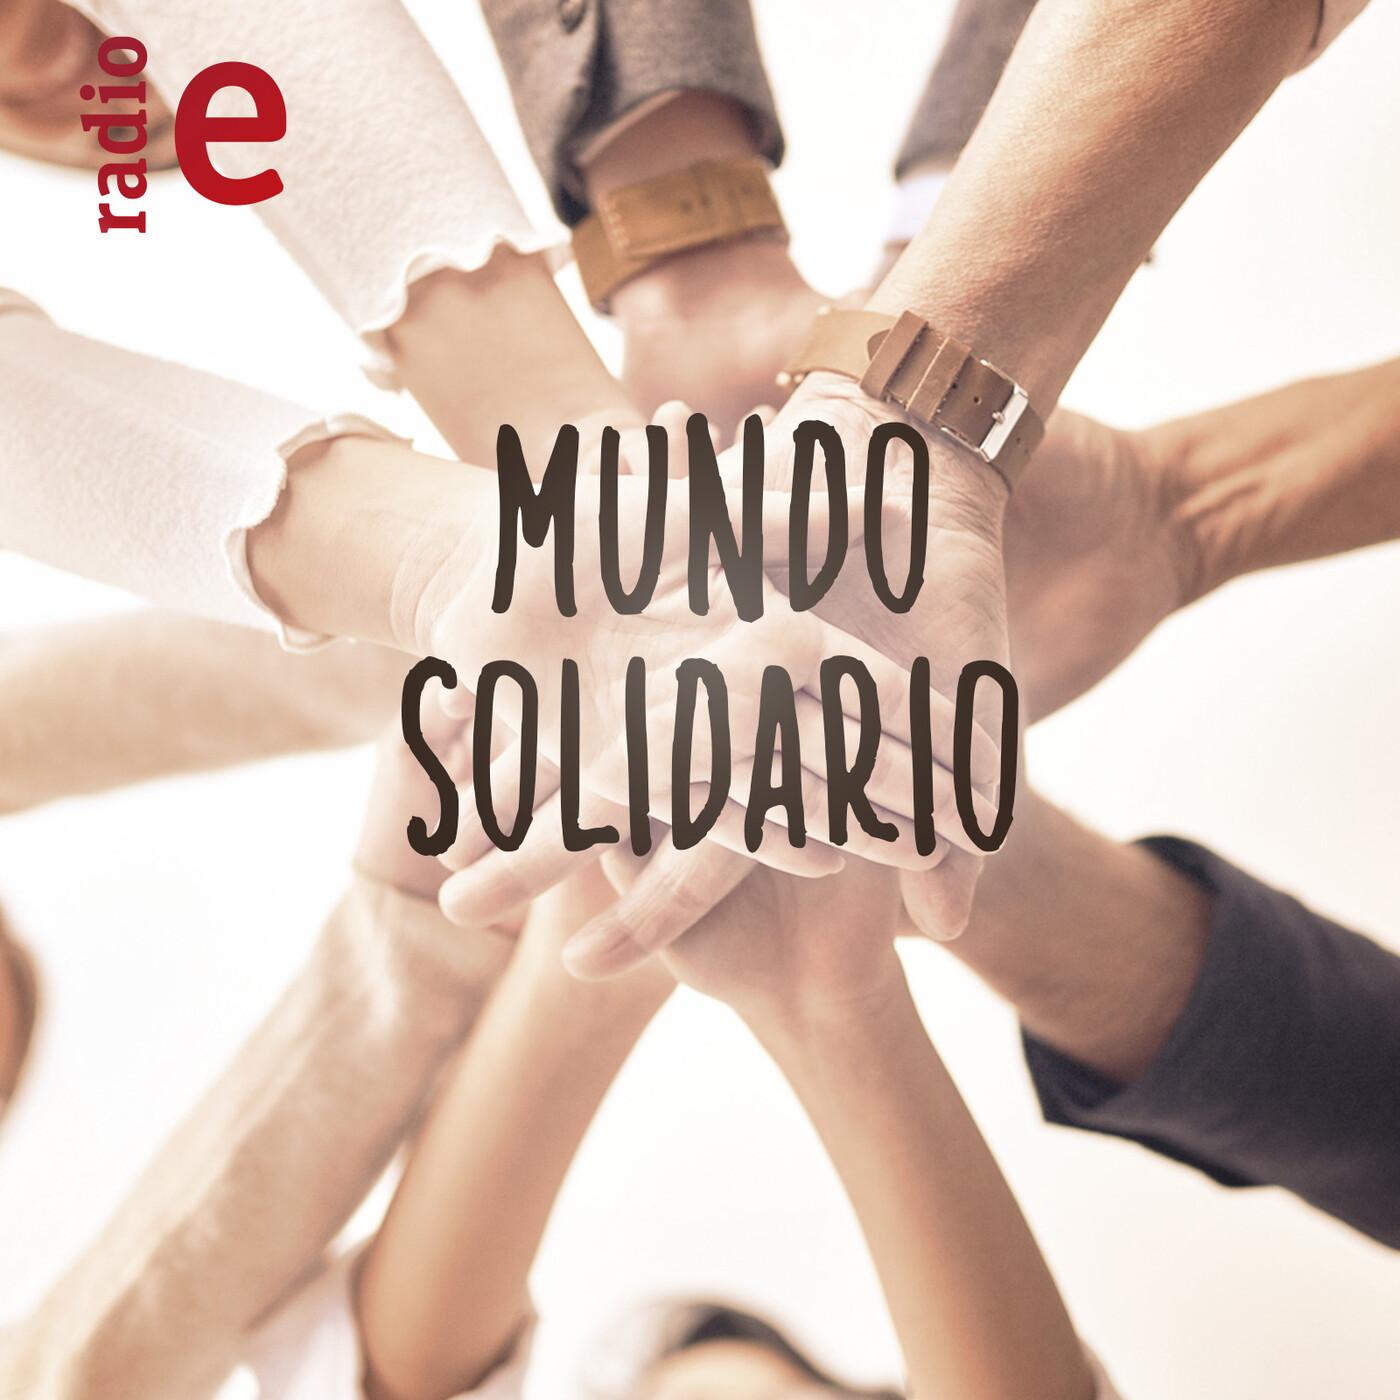 Mundo solidario - Auara y la falta de agua en la covid-19 - 17/06/20